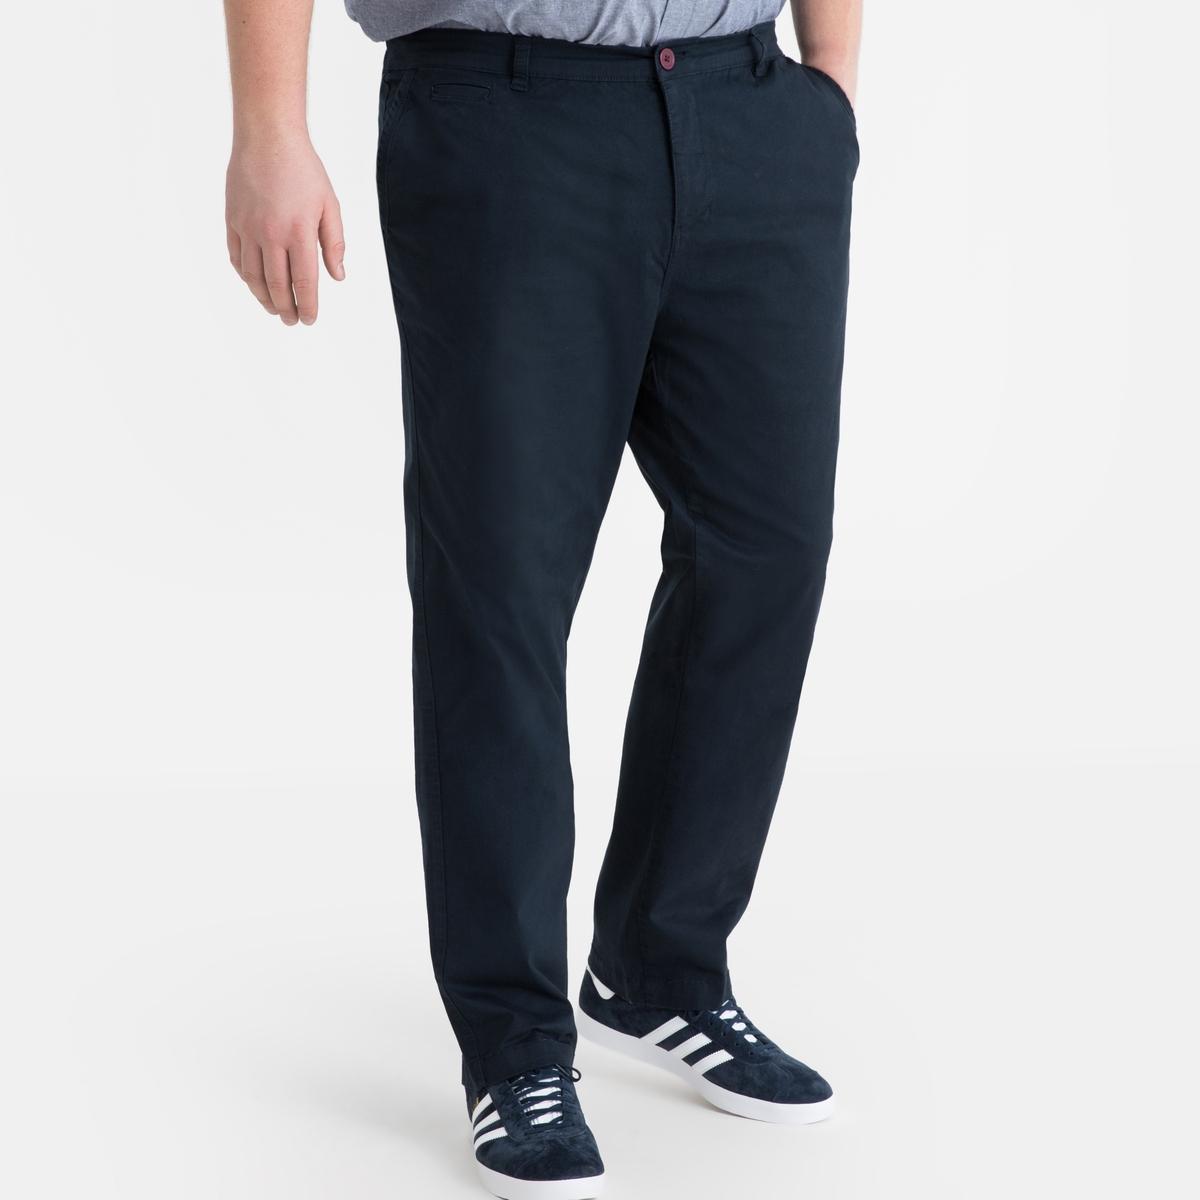 Calças chino stretch, comp.1 (menos de 1m87)